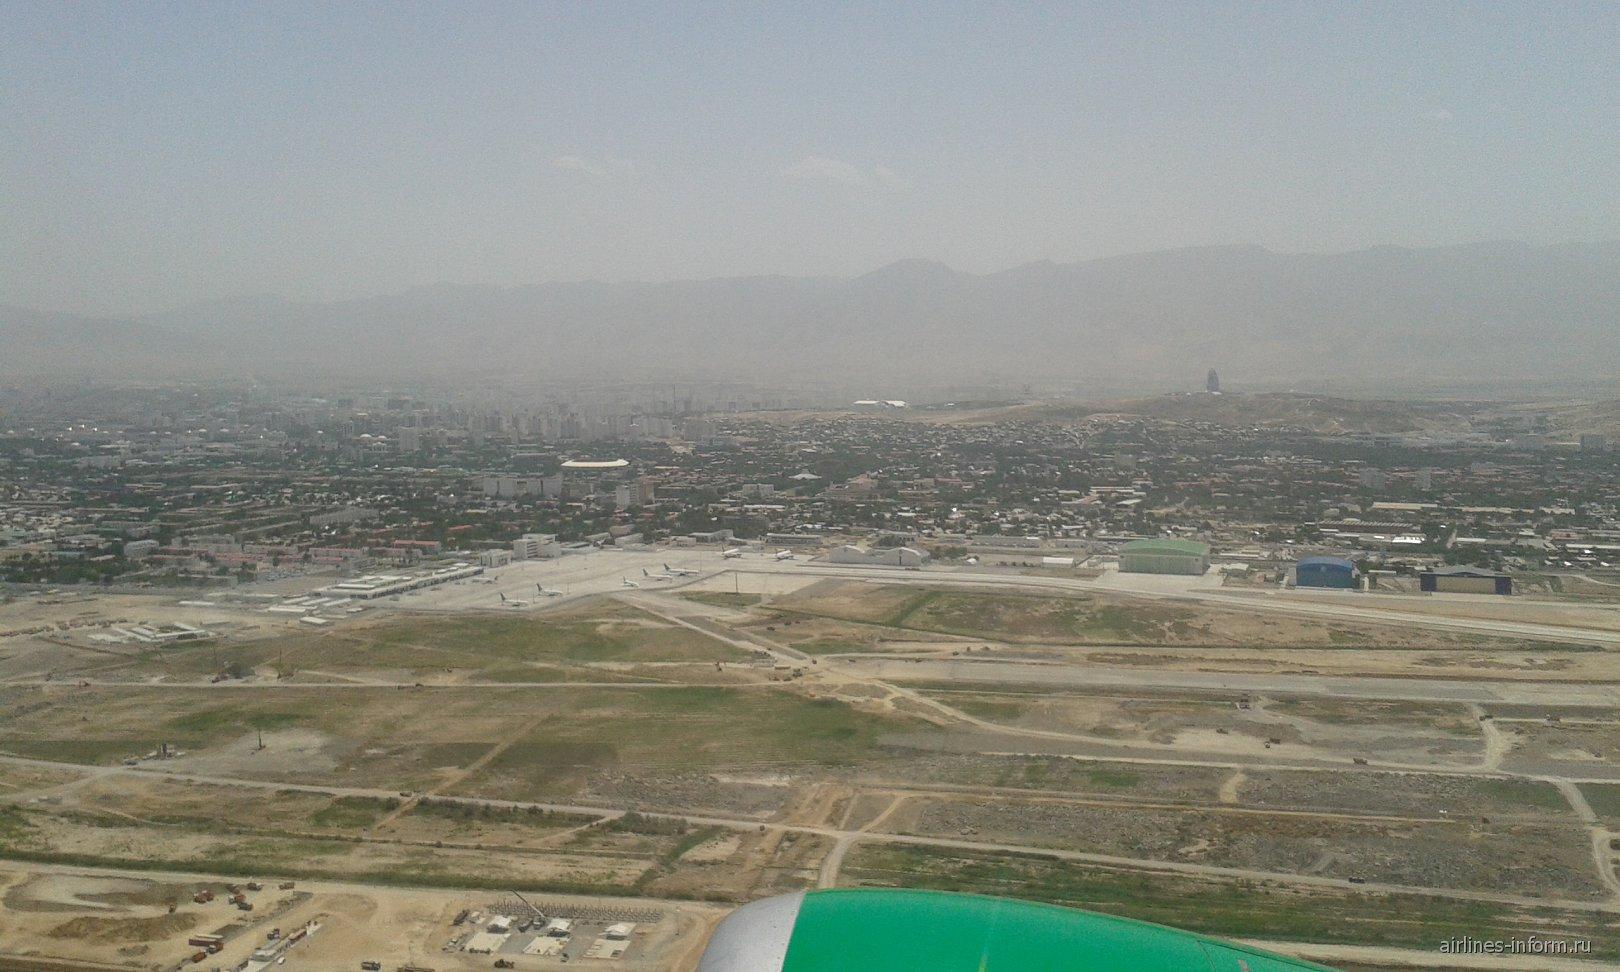 Над аэропортом Ашхабада